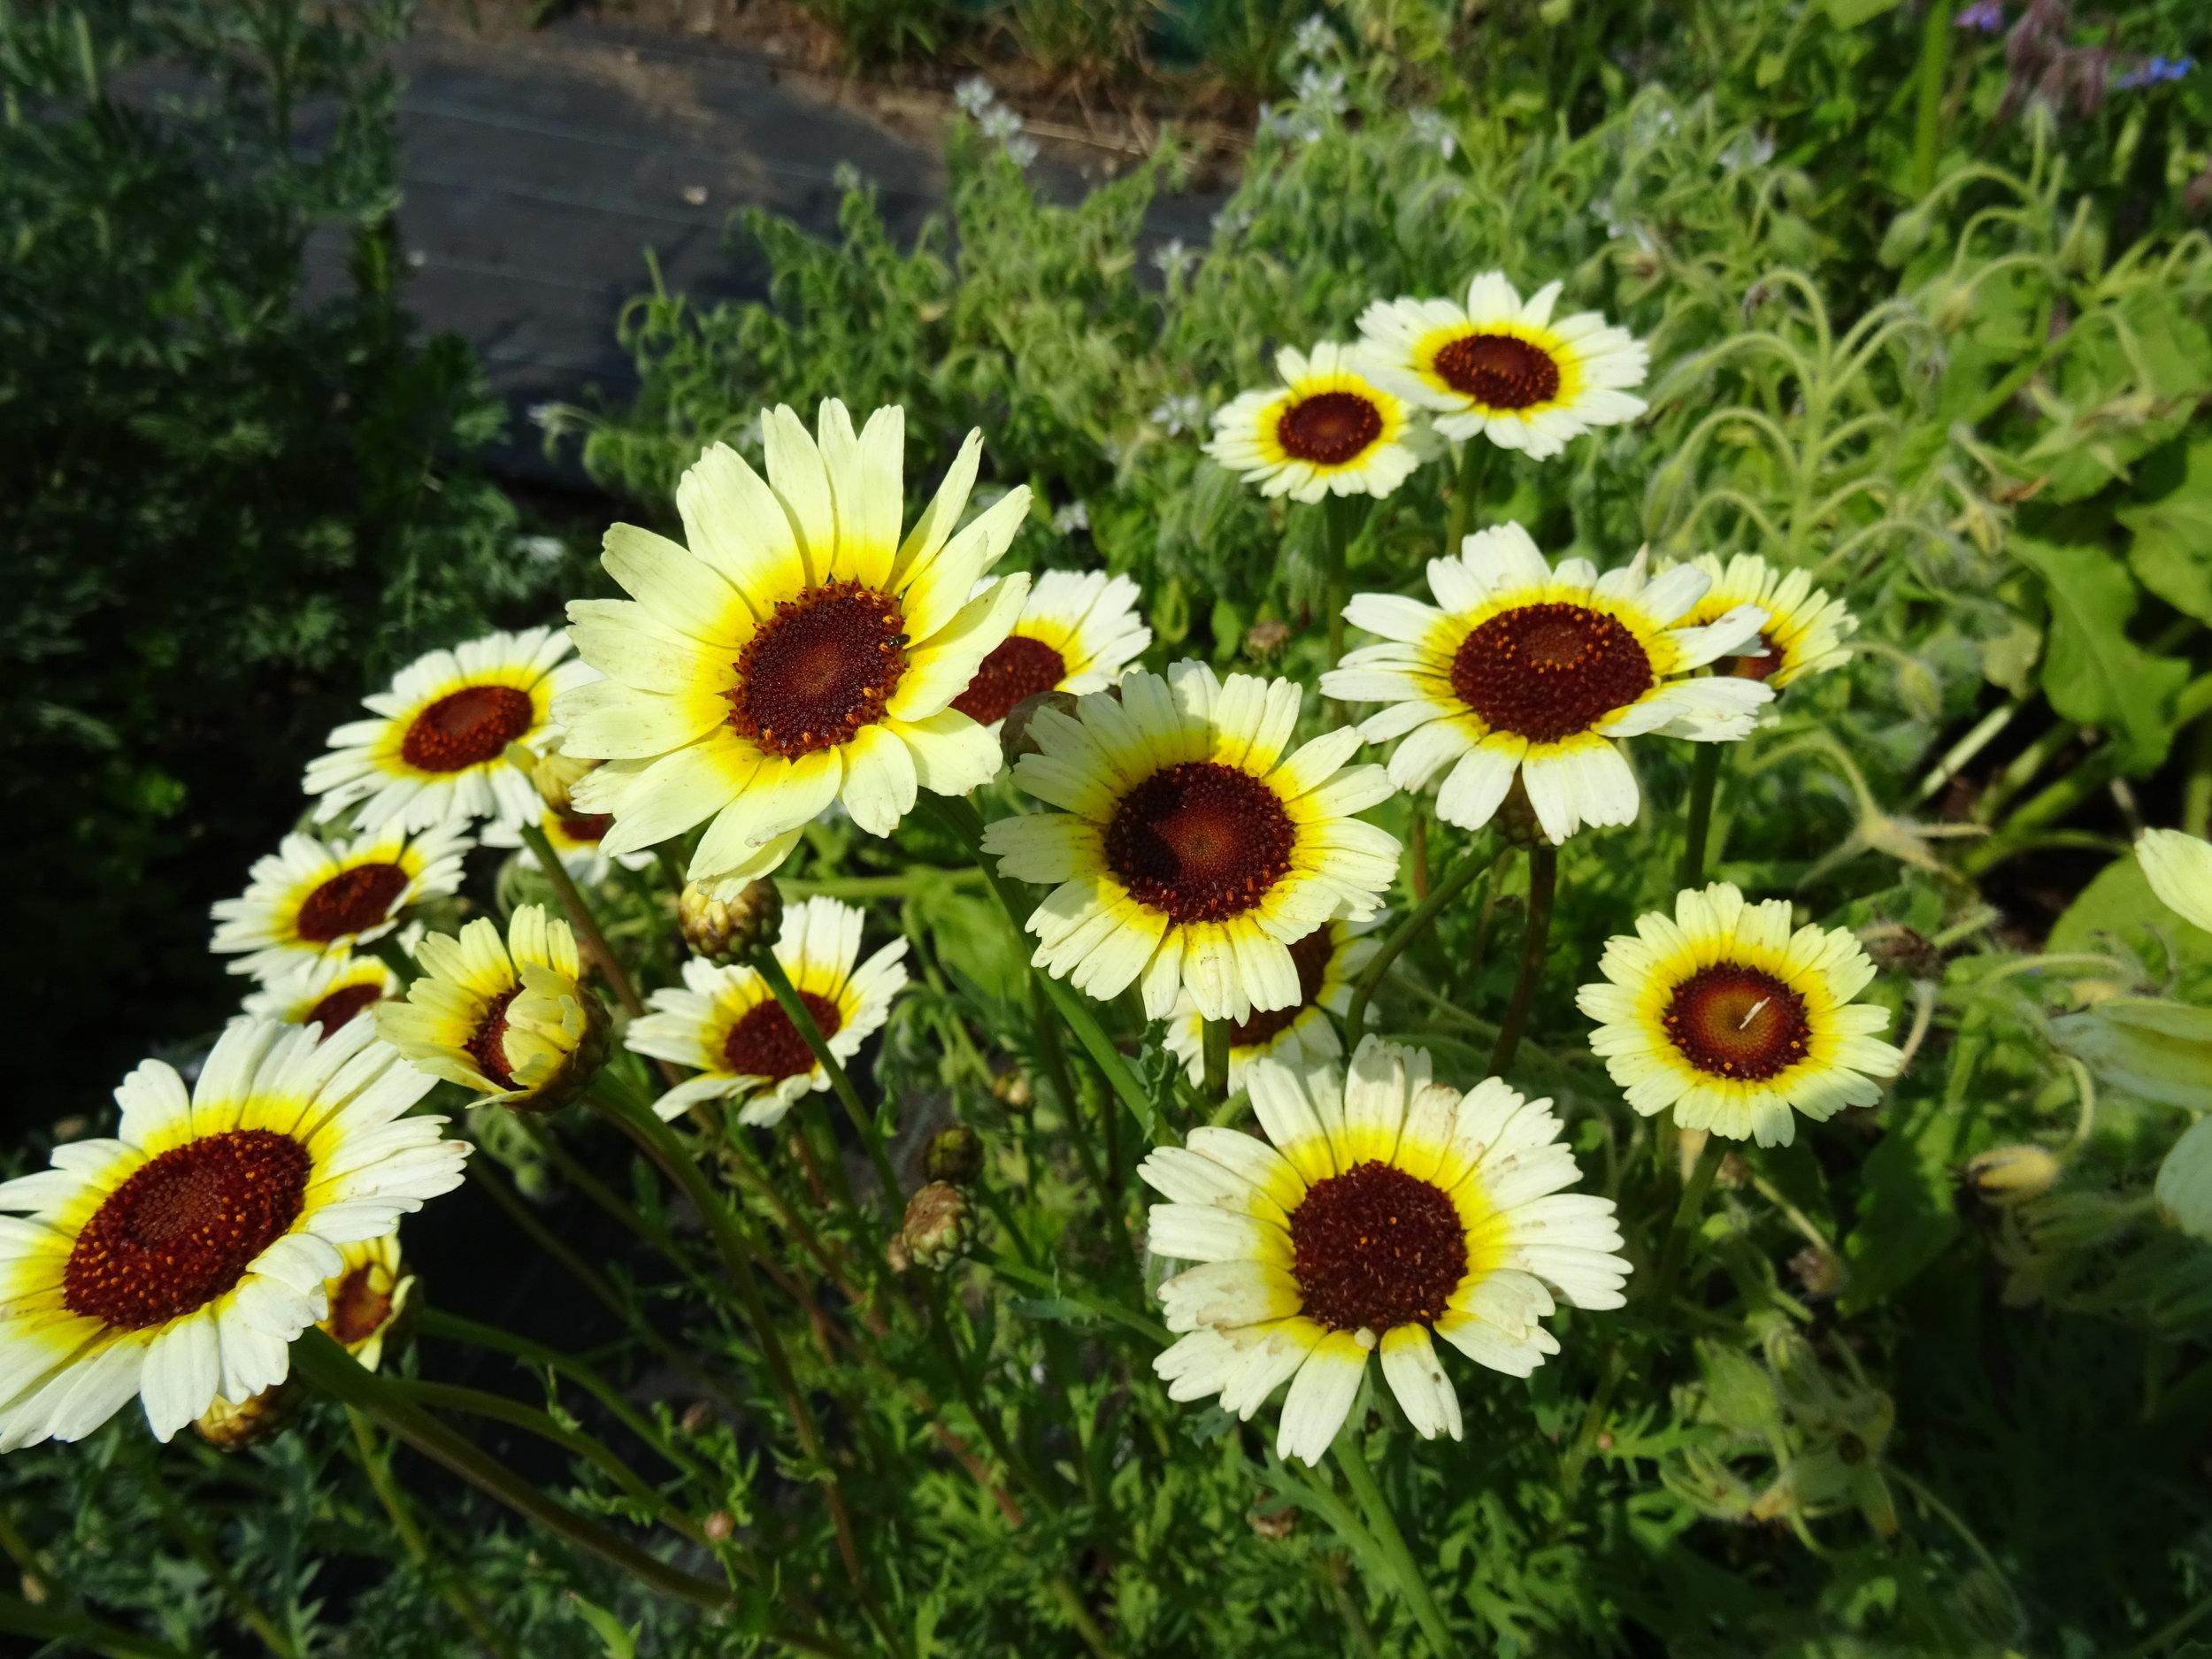 Chrysanthemum 'Eastern Star'